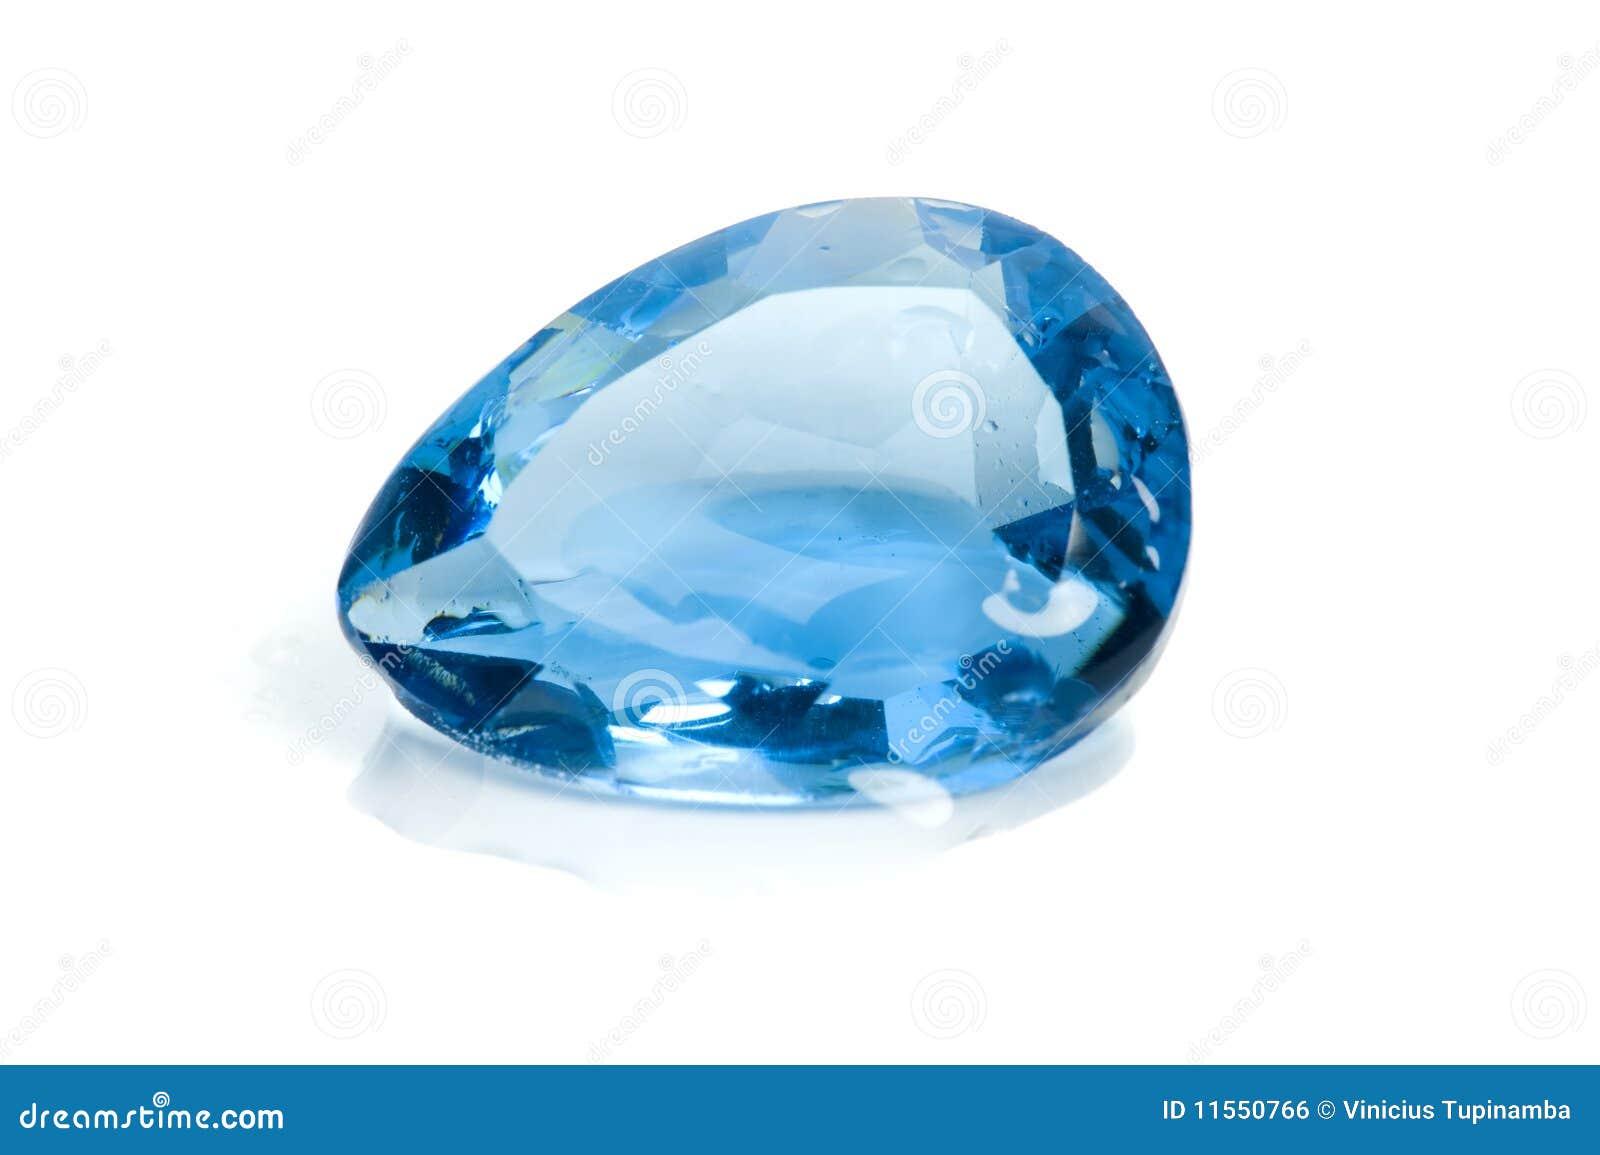 Aquamarine Gem Royalty Free Stock Image Image 11550766